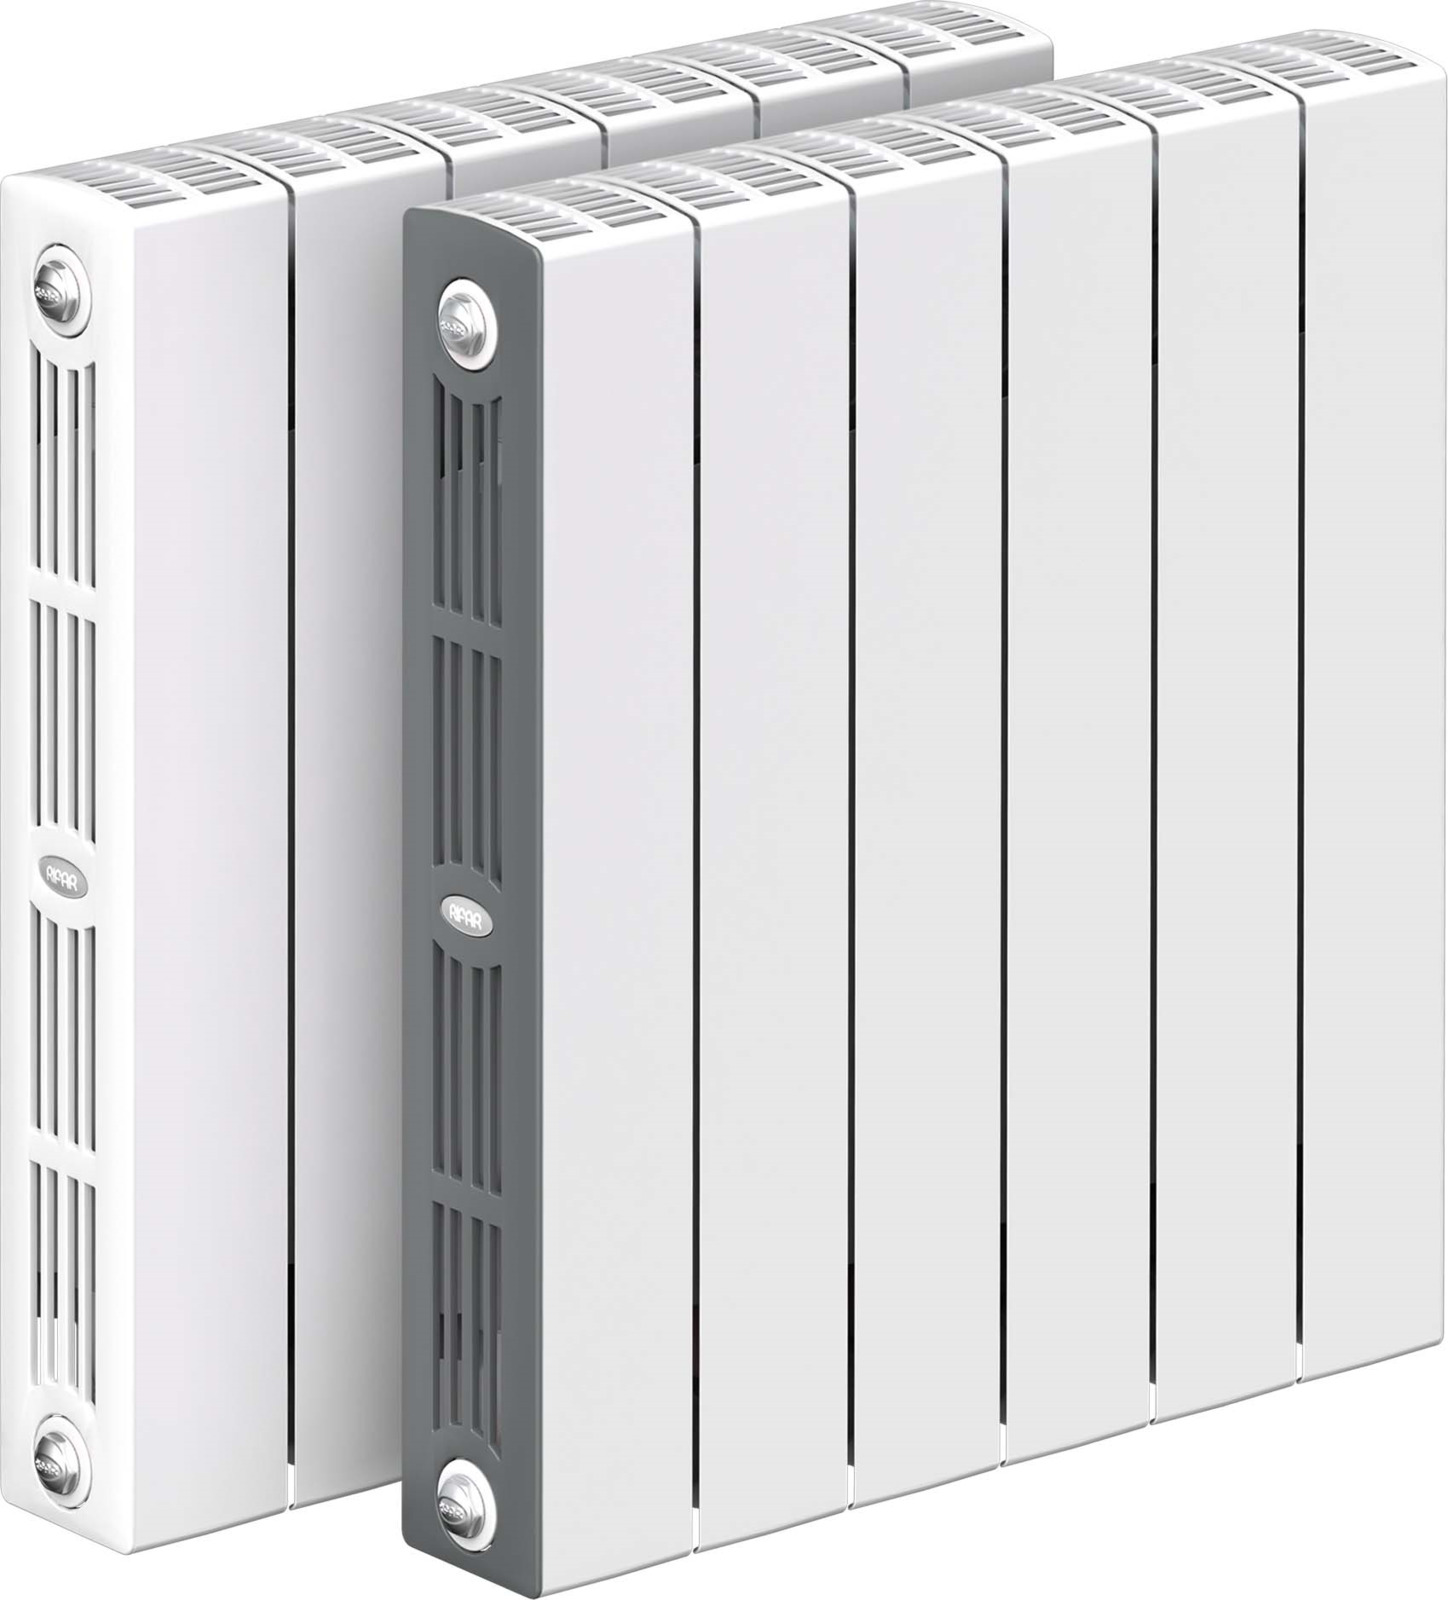 все цены на Секционный радиатор Rifar Supremo 500, биметаллический, RIFAR S 500-7, белый, 7 секций онлайн